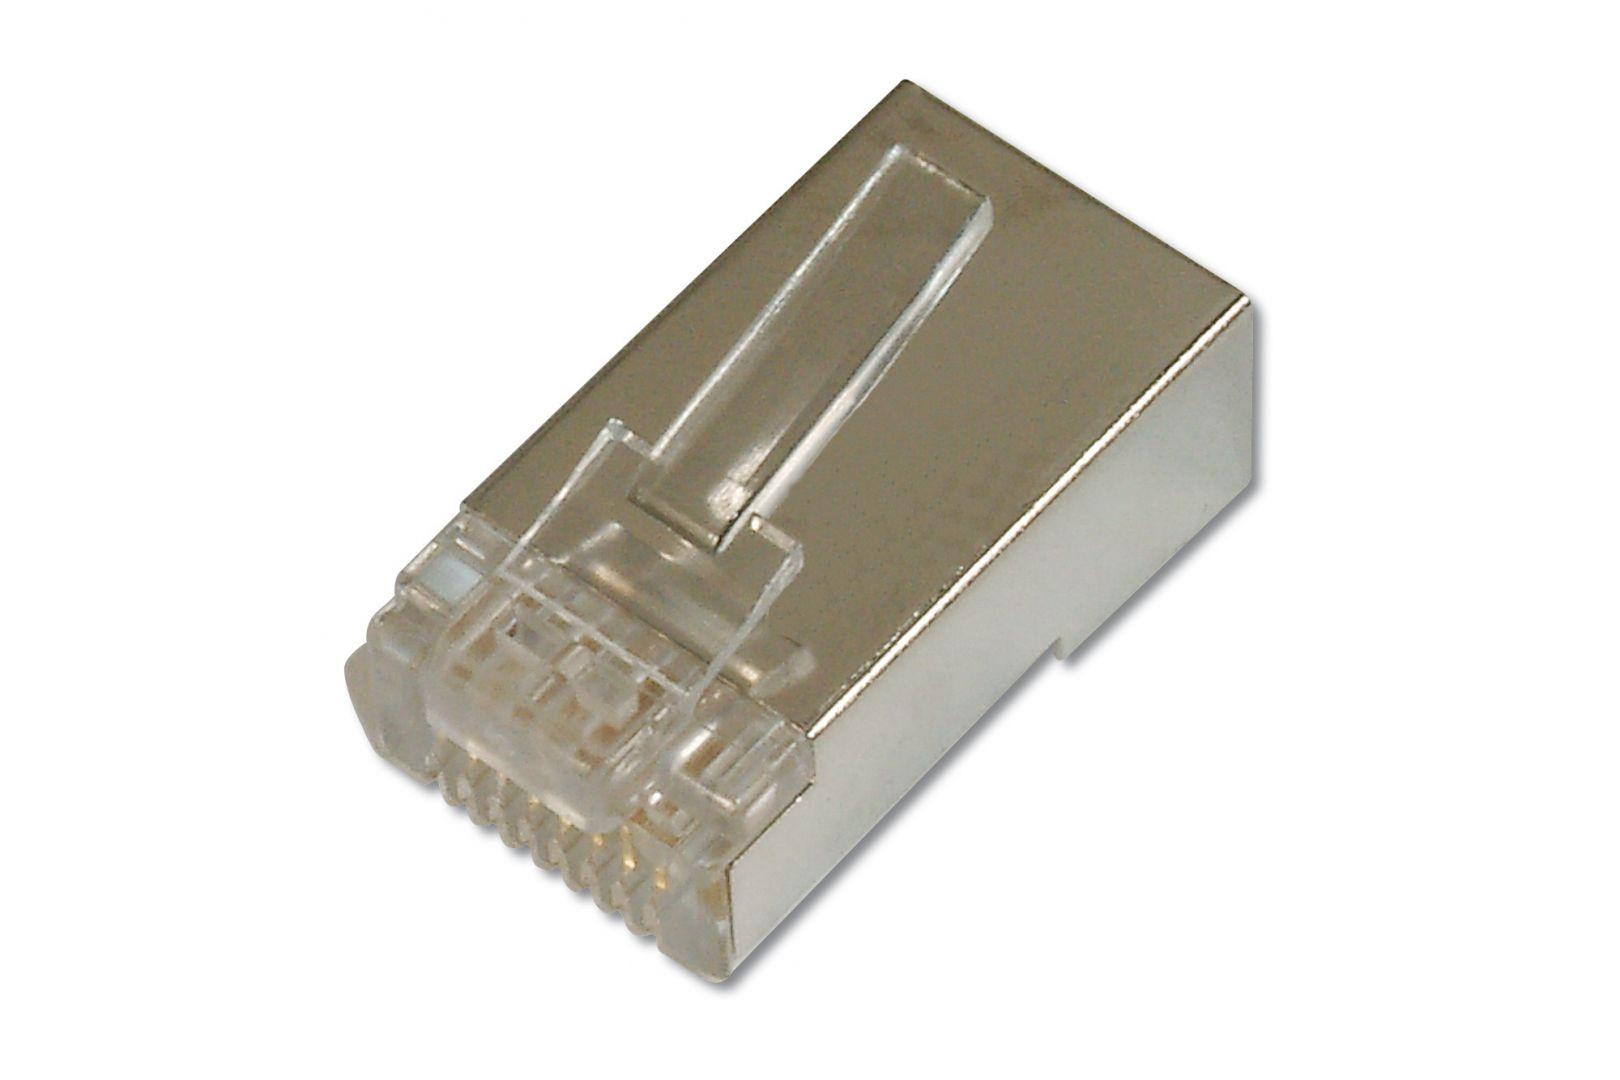 Hálózati eszközök Assmann Modular Plug, for Flat Cable, 8P8C